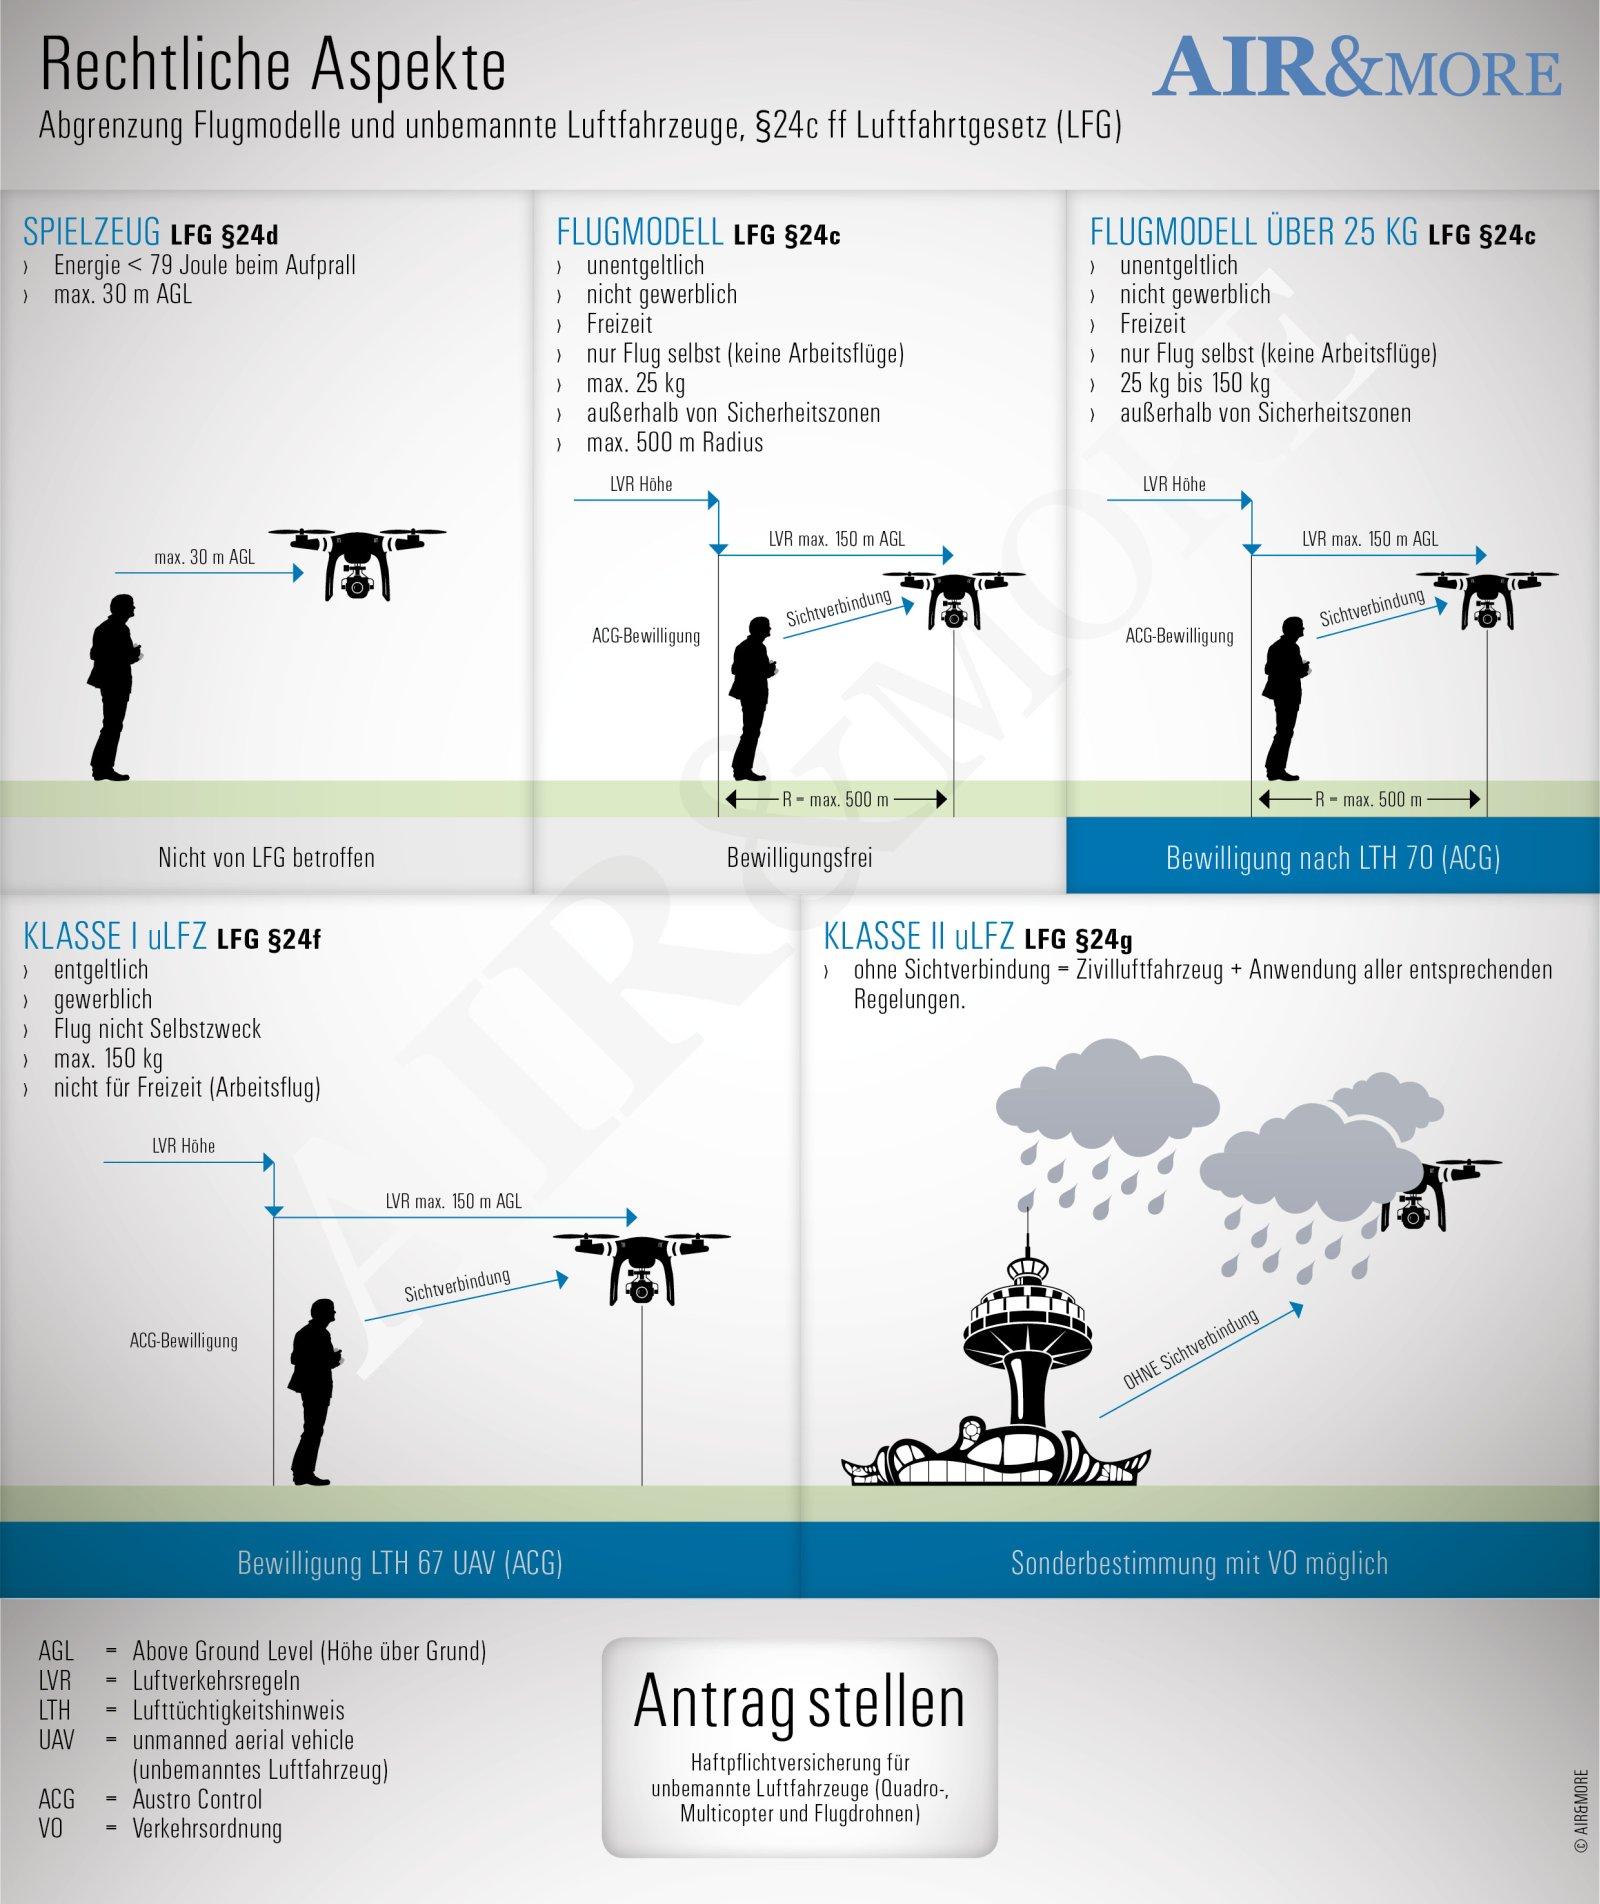 Drohnen Blog Österreich Top Infos von Profis! | AIR&MORE